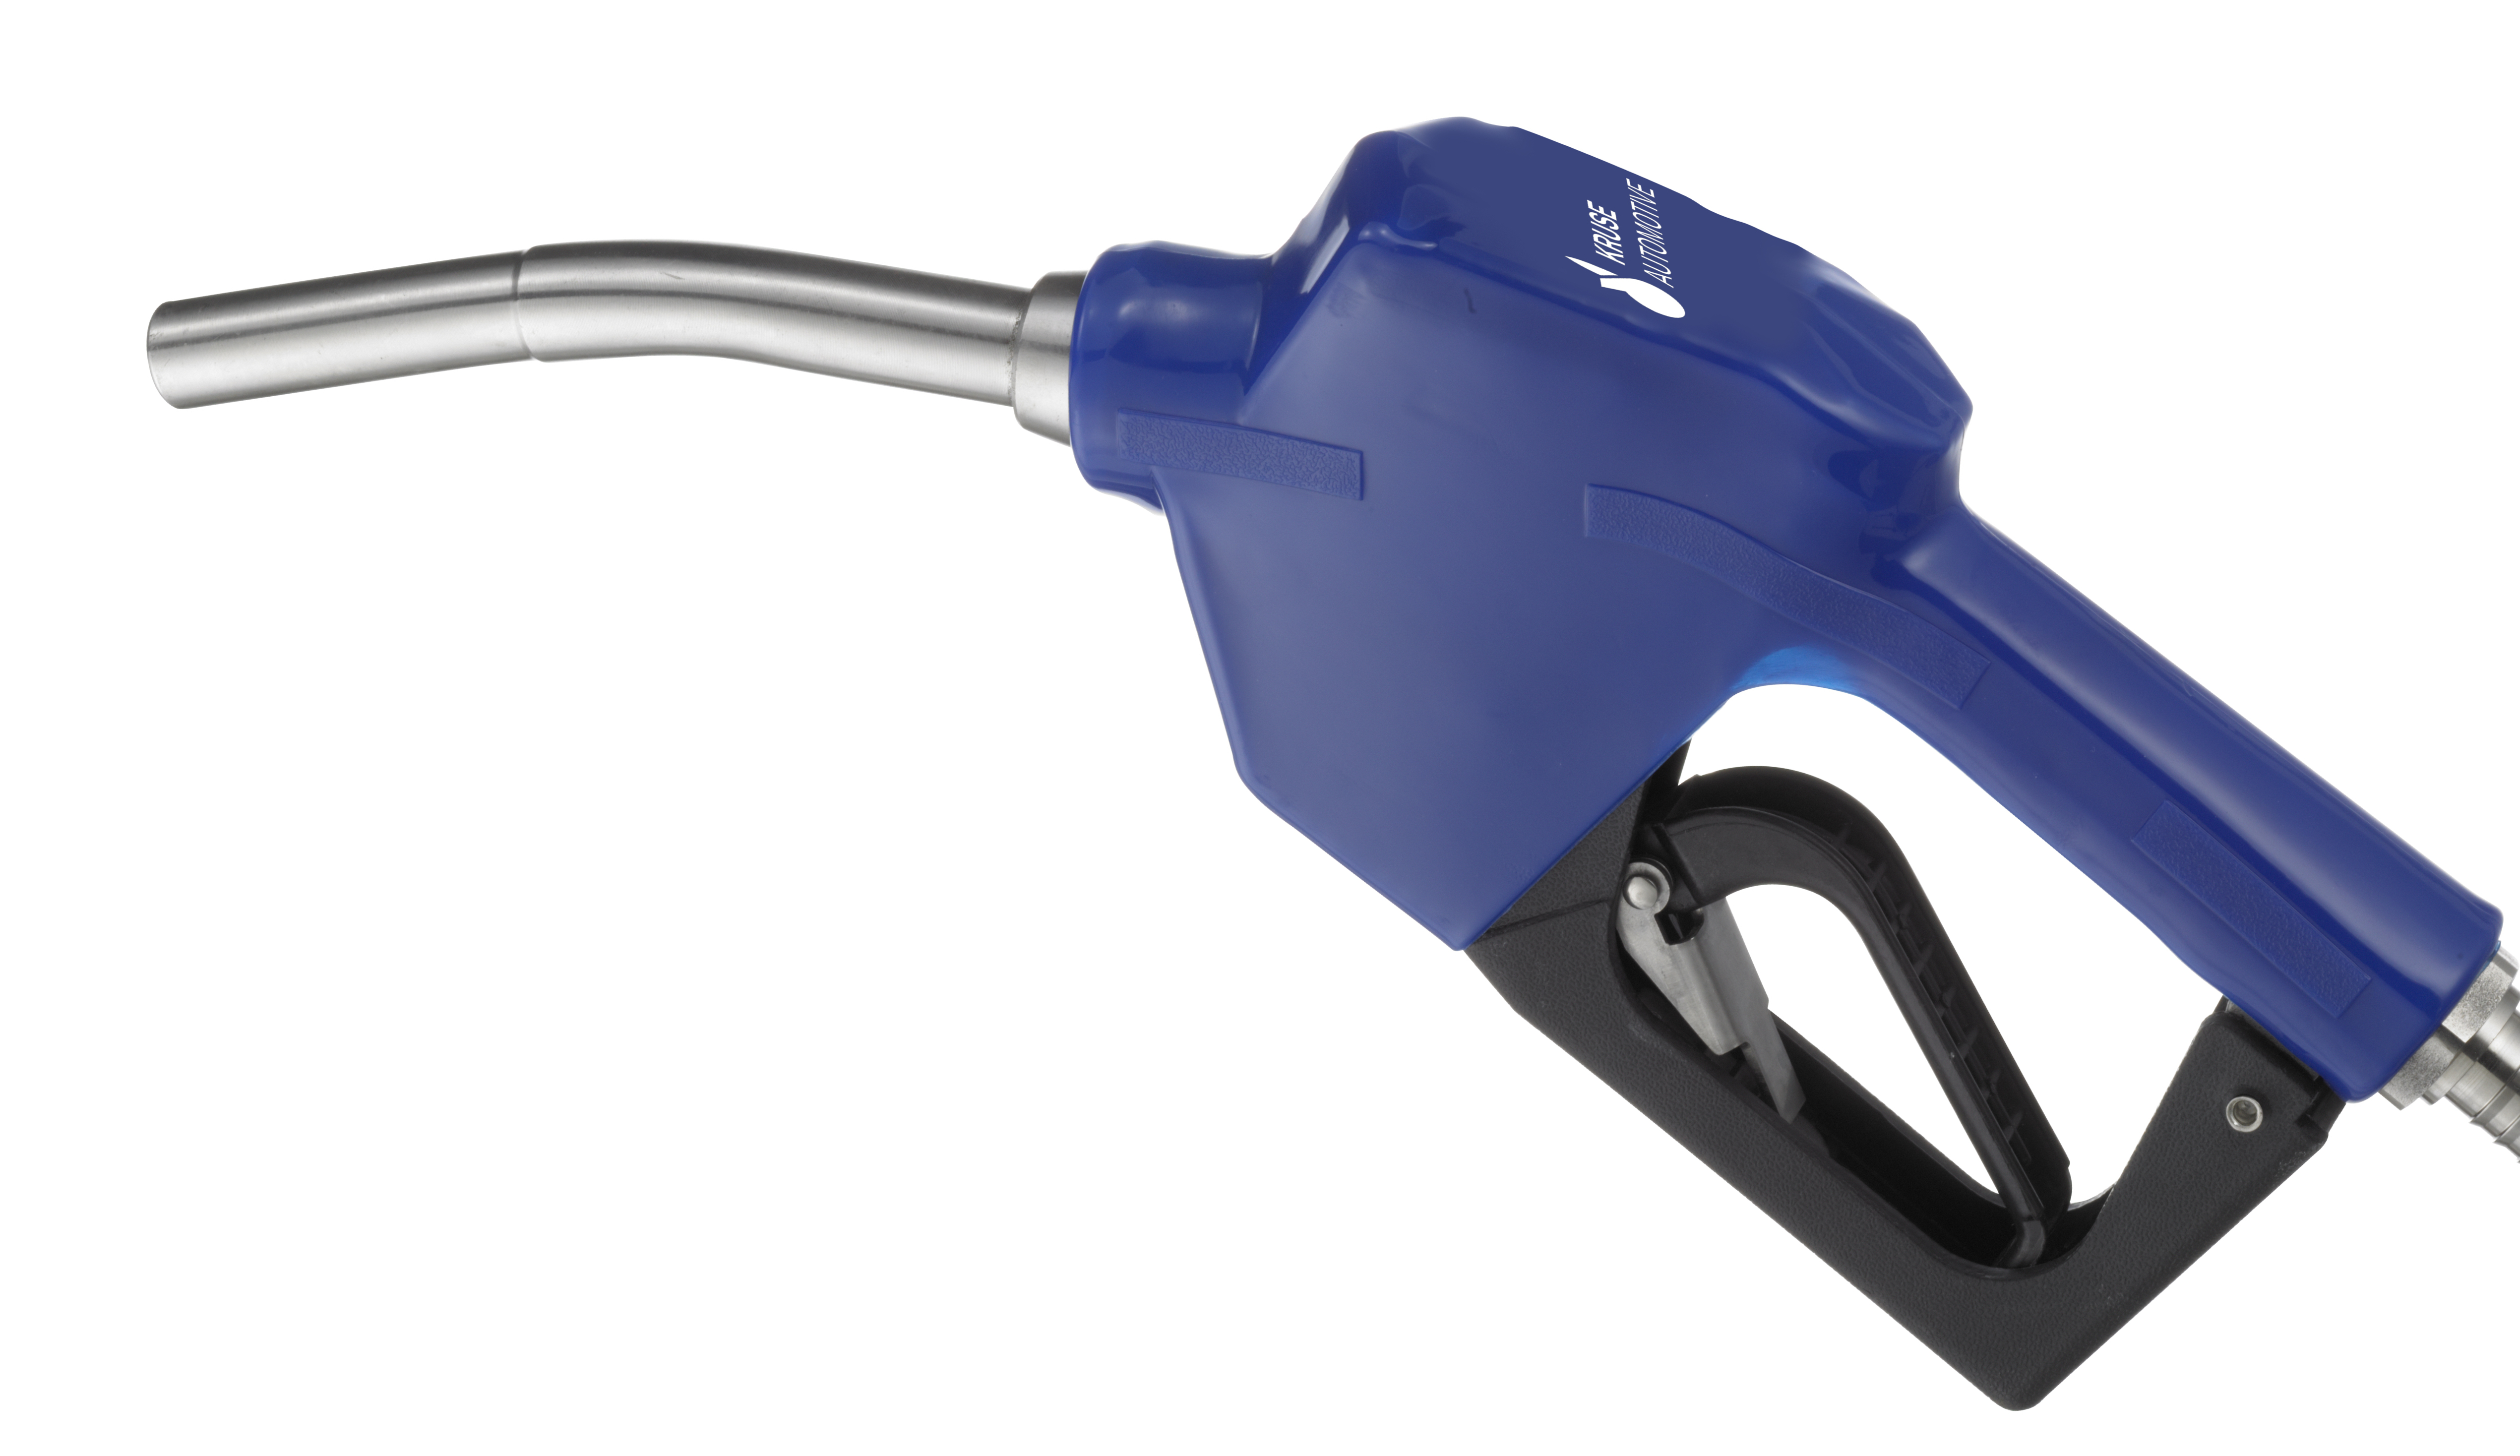 Blue AdBlue® nozzle isolated on white background